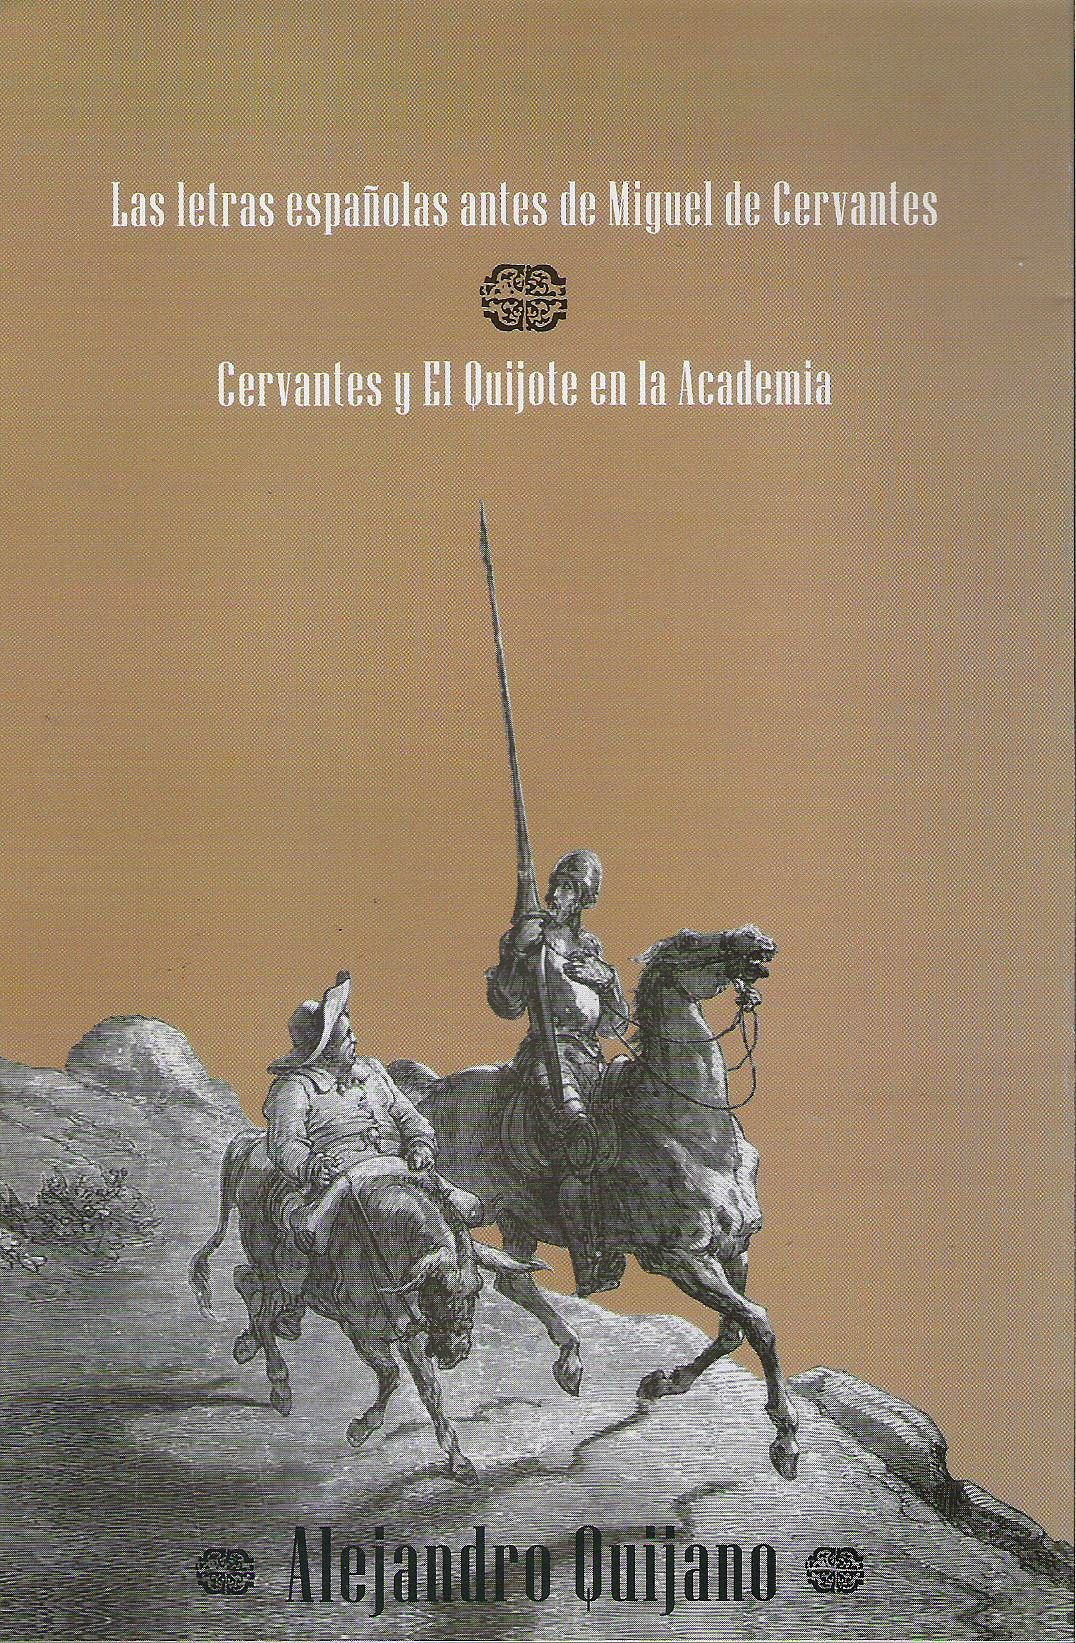 Las letras espa¤olas antes de Miguel de Cervantes